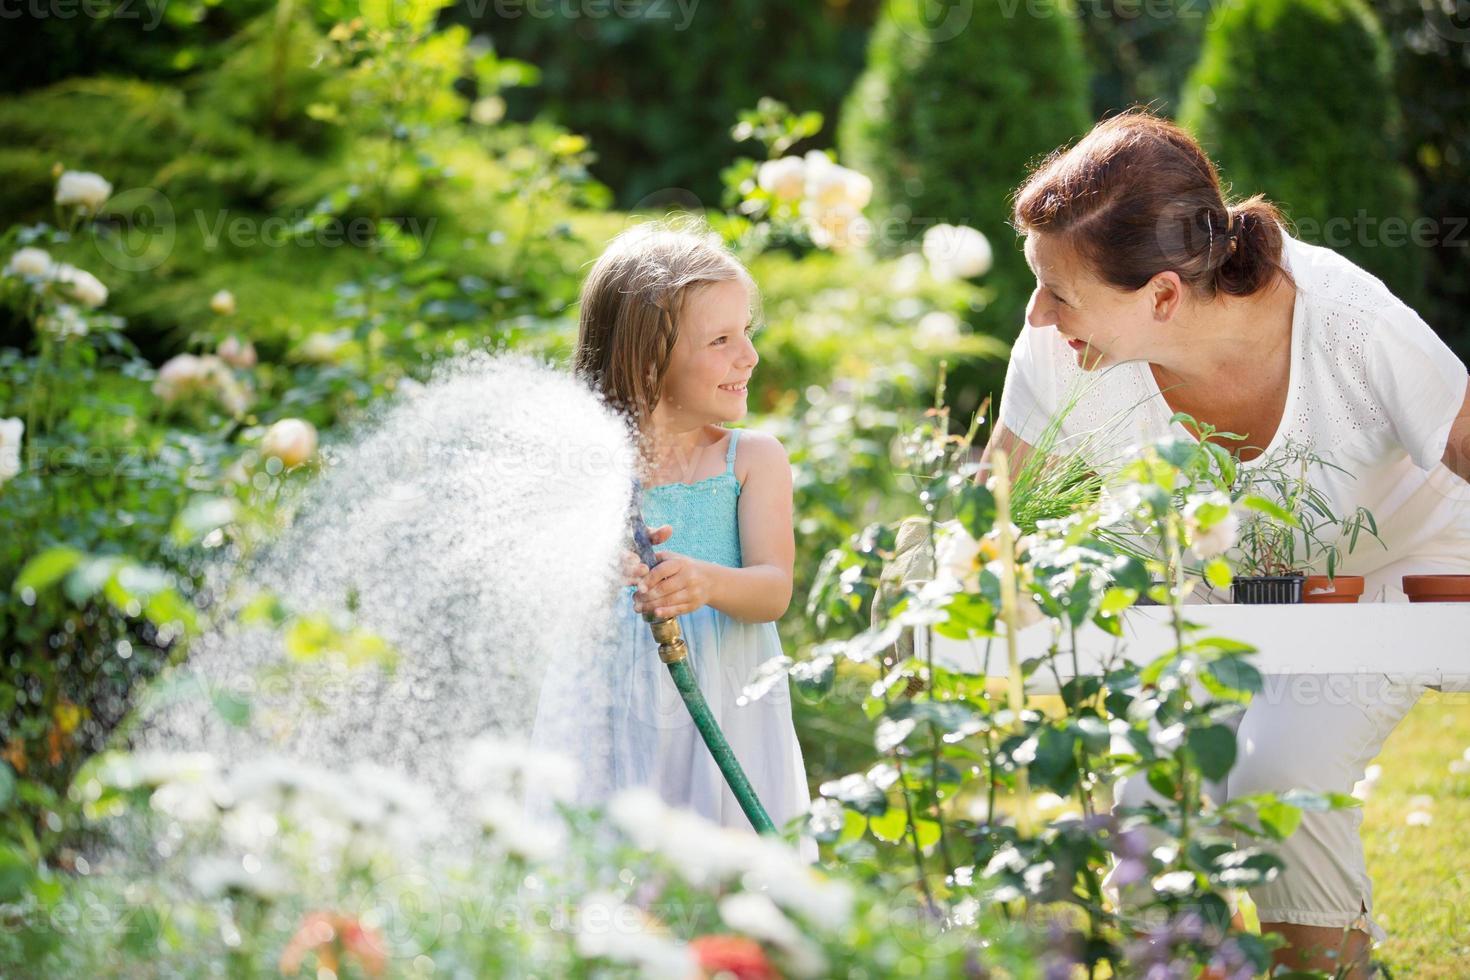 menina e vovó regando flores no jardim foto